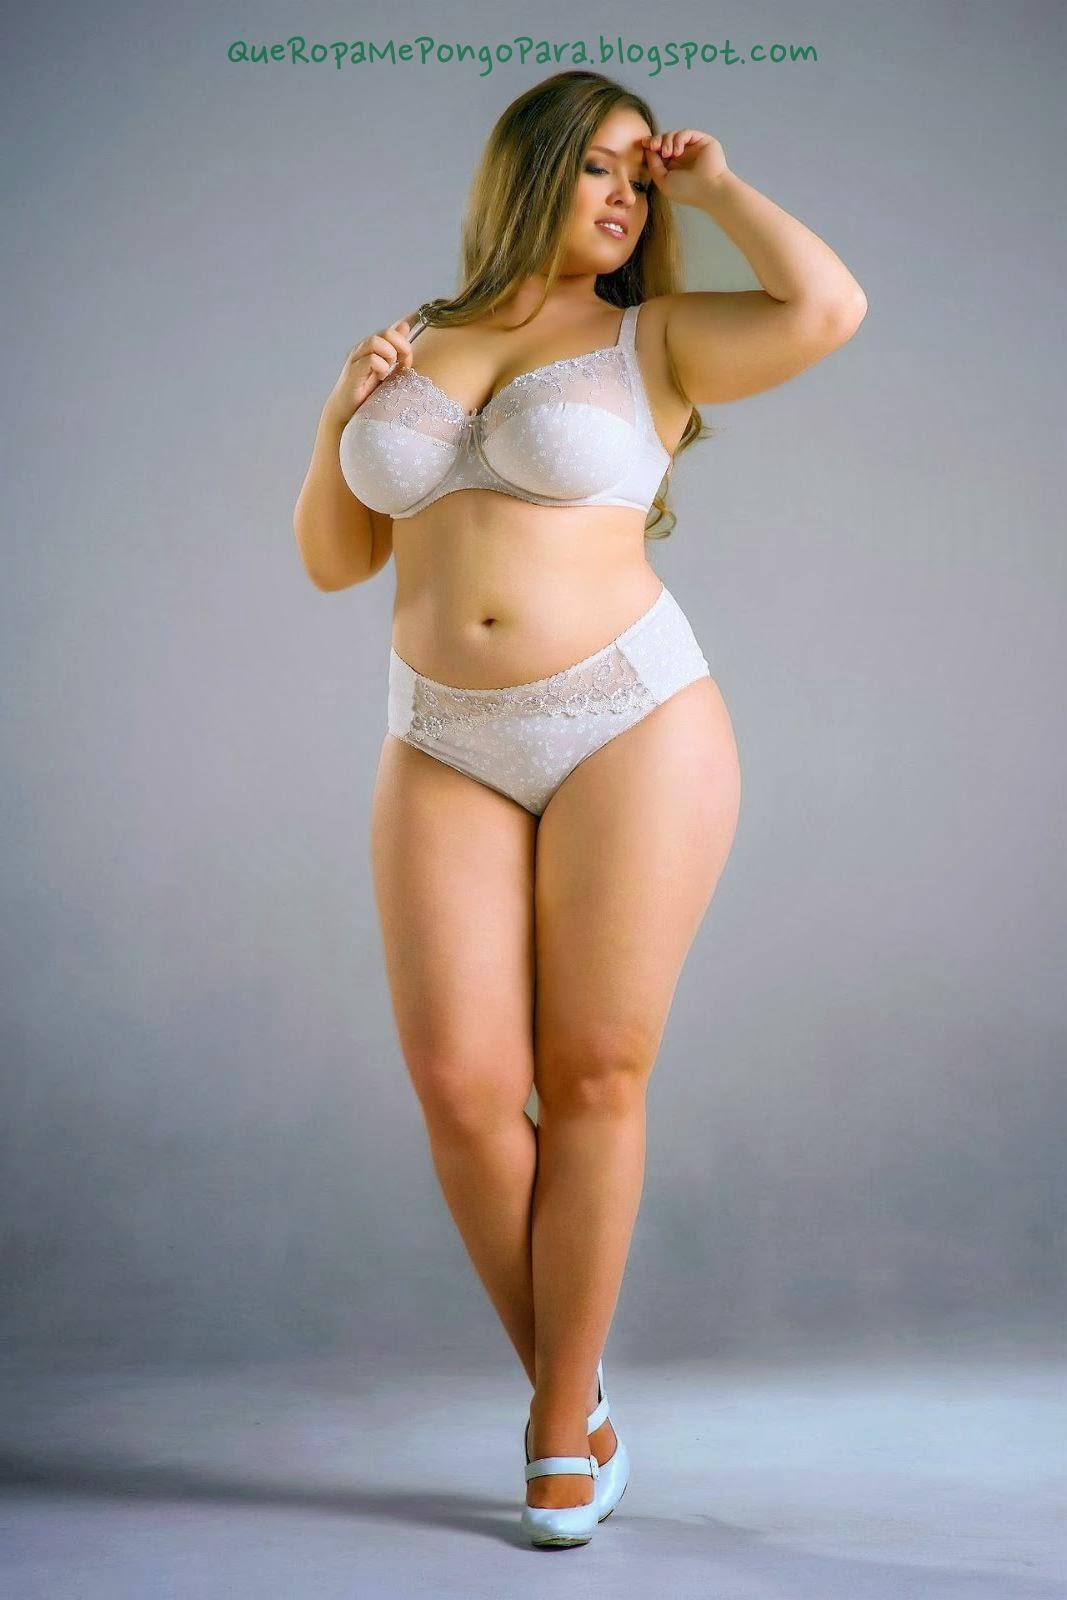 imagenes de mujeres con poca ropa interior - imagenes de ropa | 30 Fotos de Sexys Mujeres En Shorts Taringa!